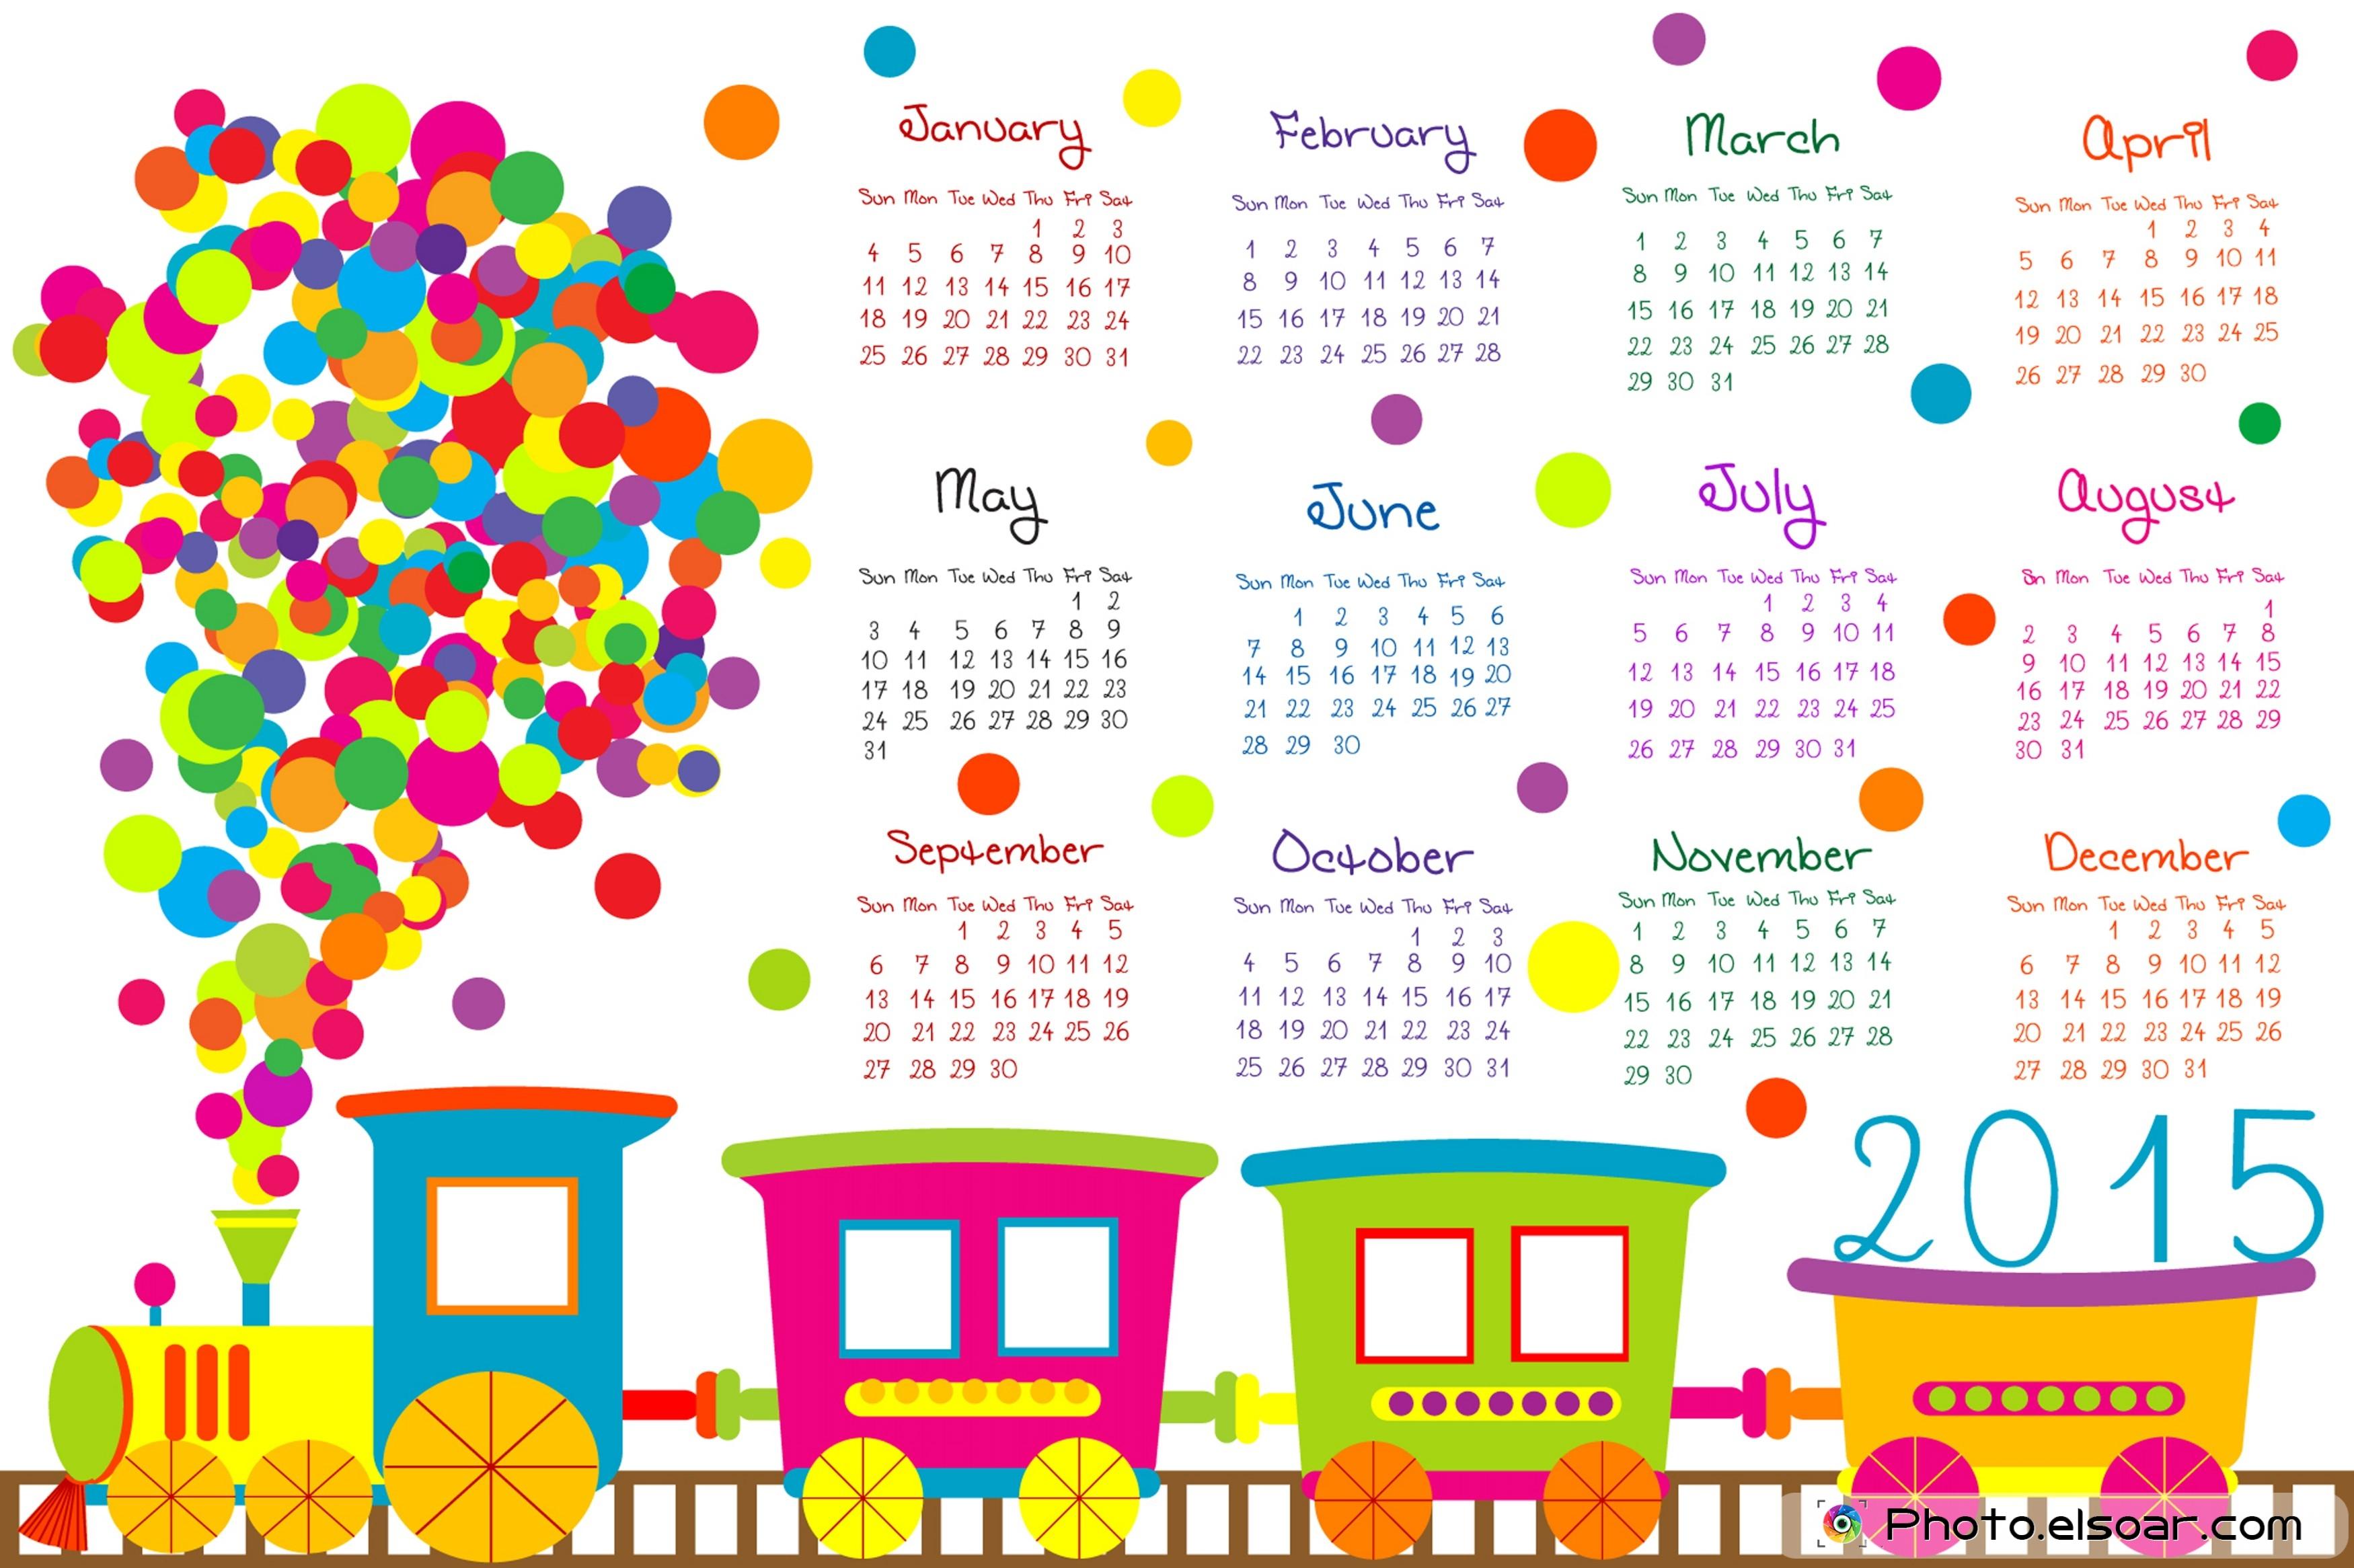 2015 Year Calendar Wallpaper Download 2015 Calendar by Month 3500x2332